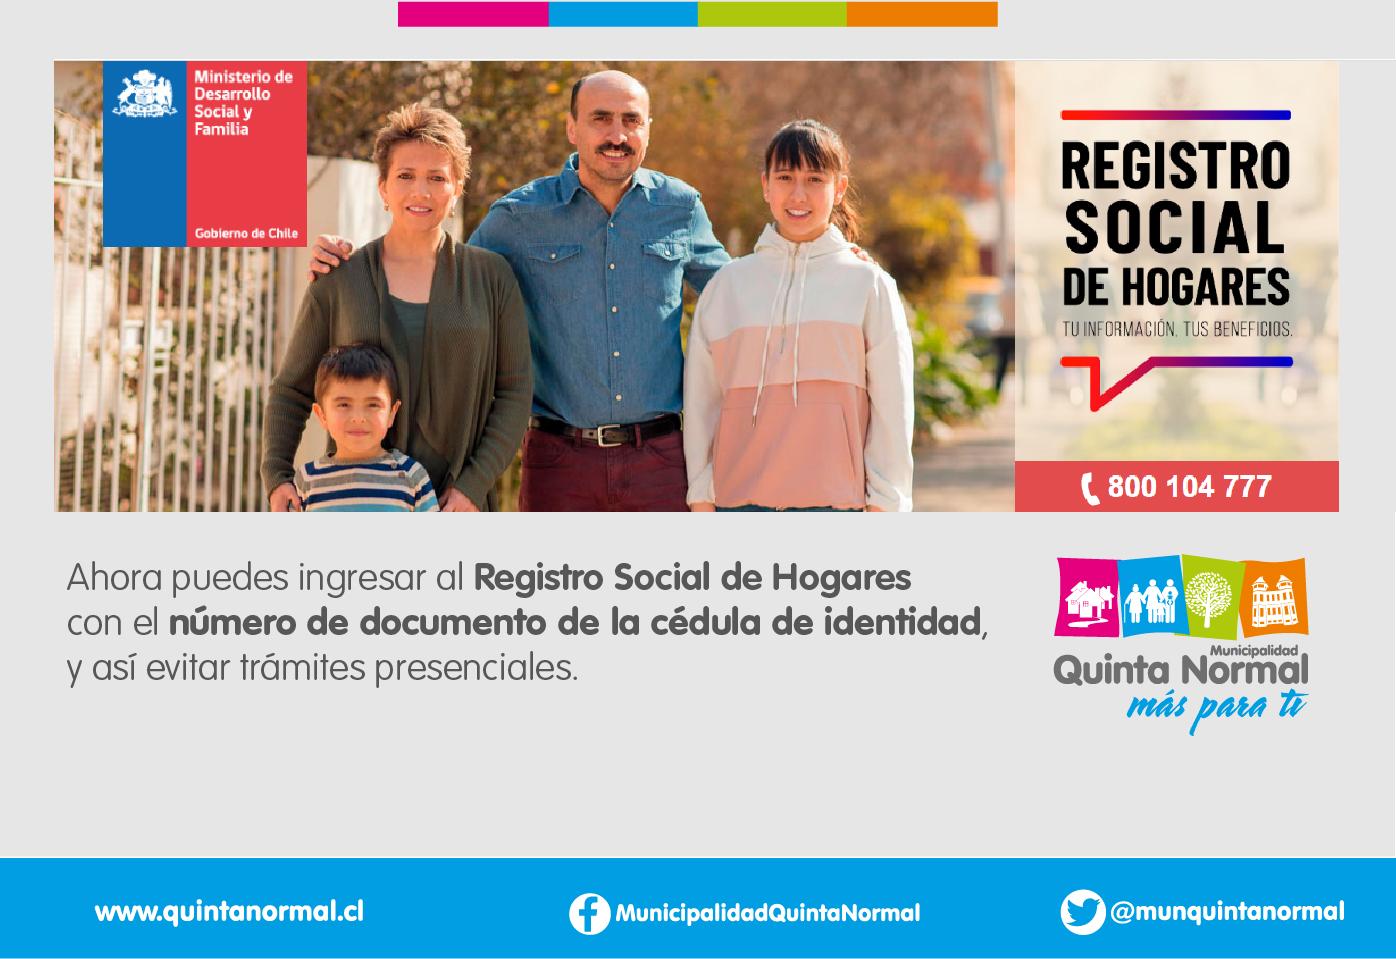 Accede a tu Registro Social de Hogares aquí